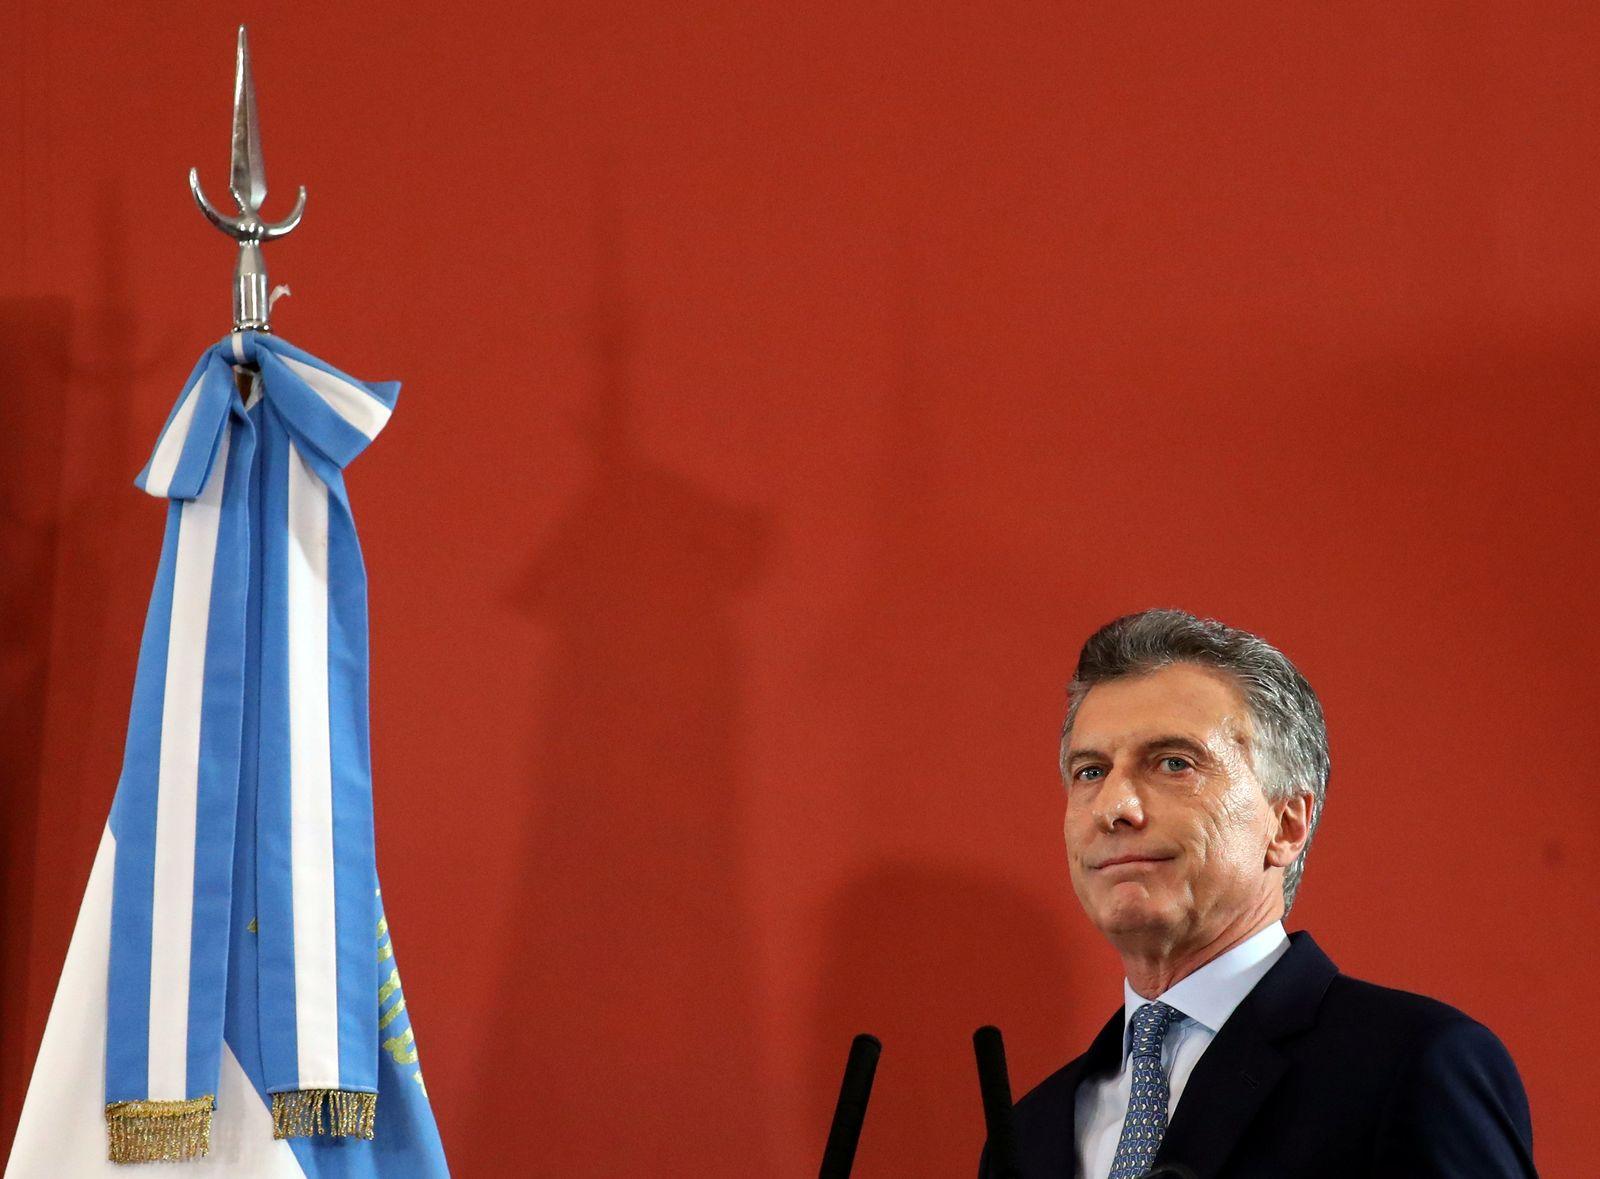 ARGENTINA-ECONOMY/MACRI